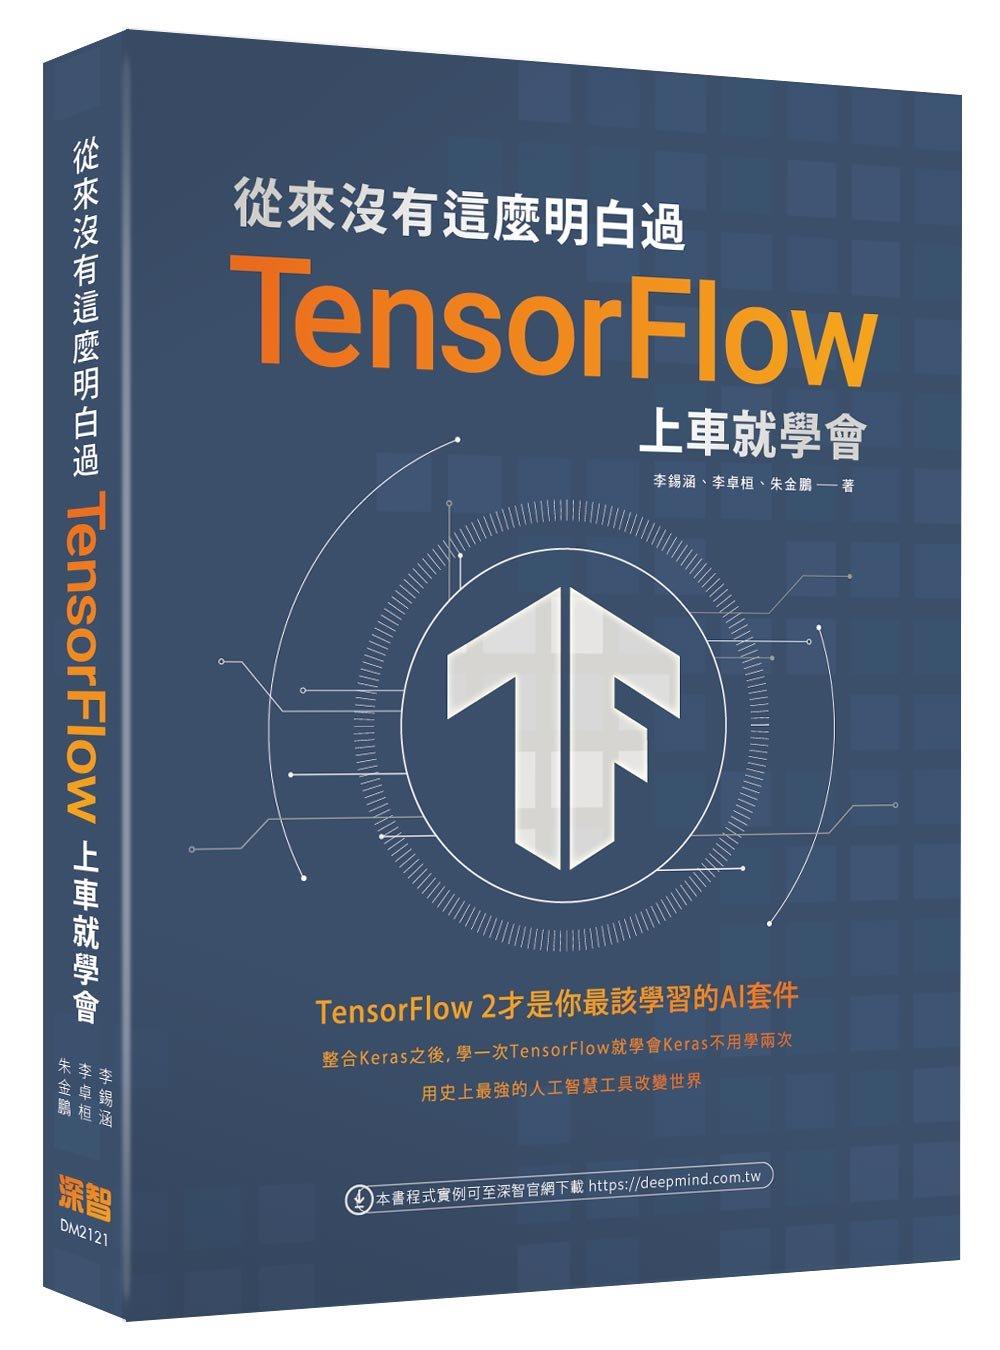 從來沒有這麼明白過:TensorFlow 上車就學會-preview-1